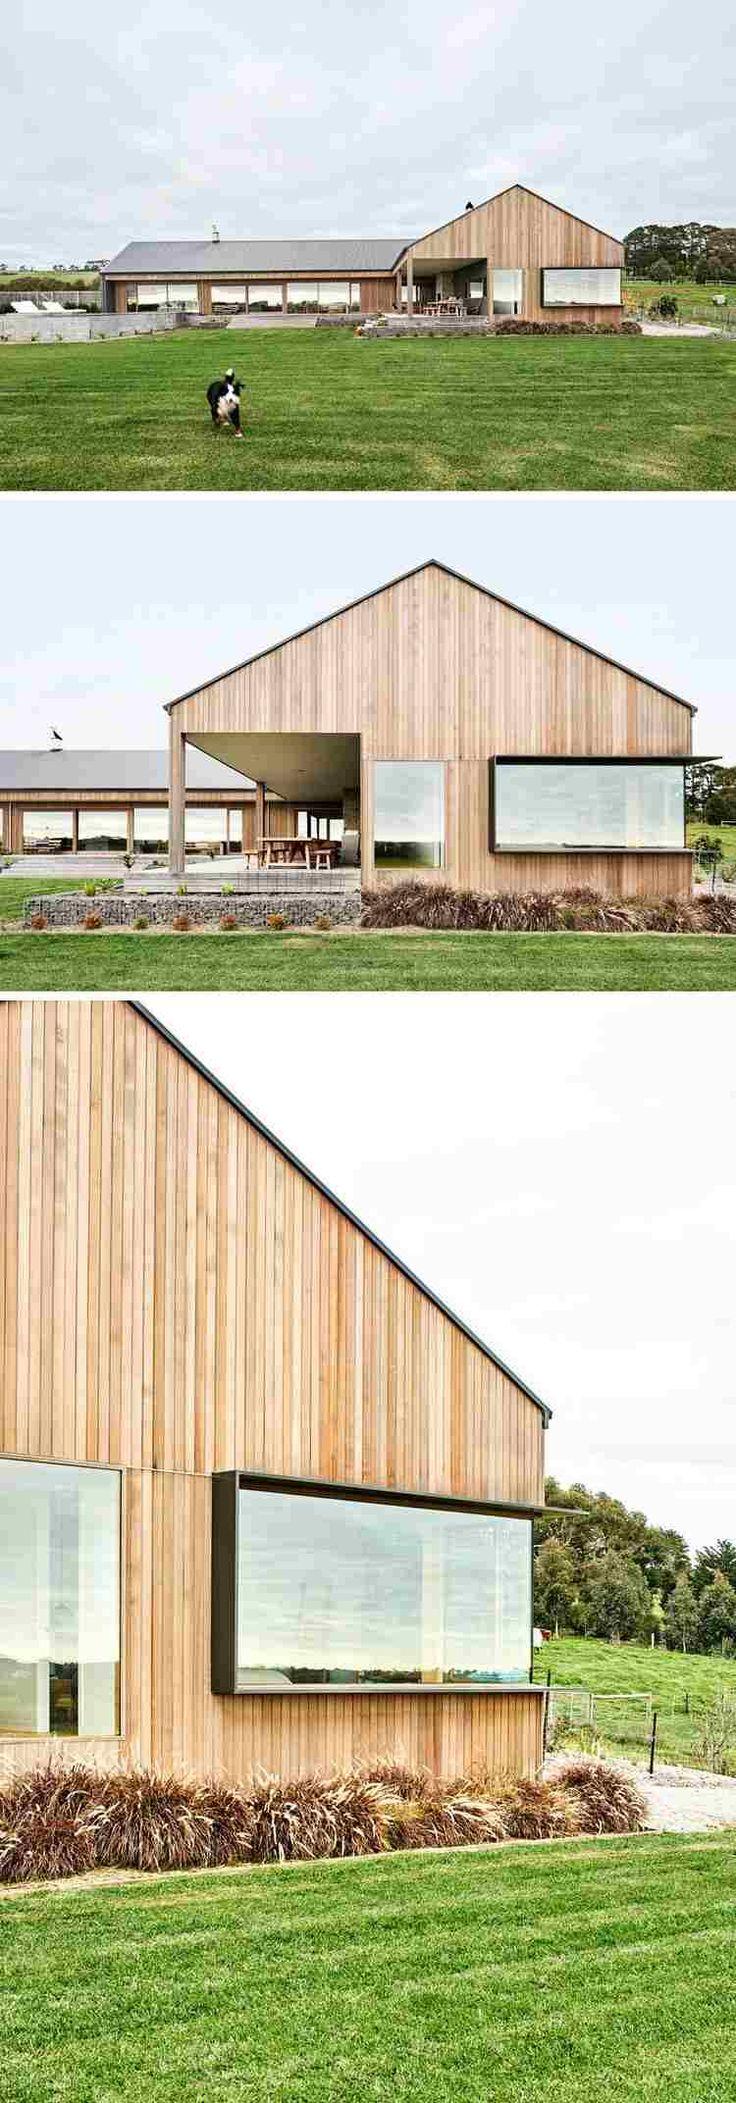 Aménagement intérieur maison maison américain style contemporain bardage bois